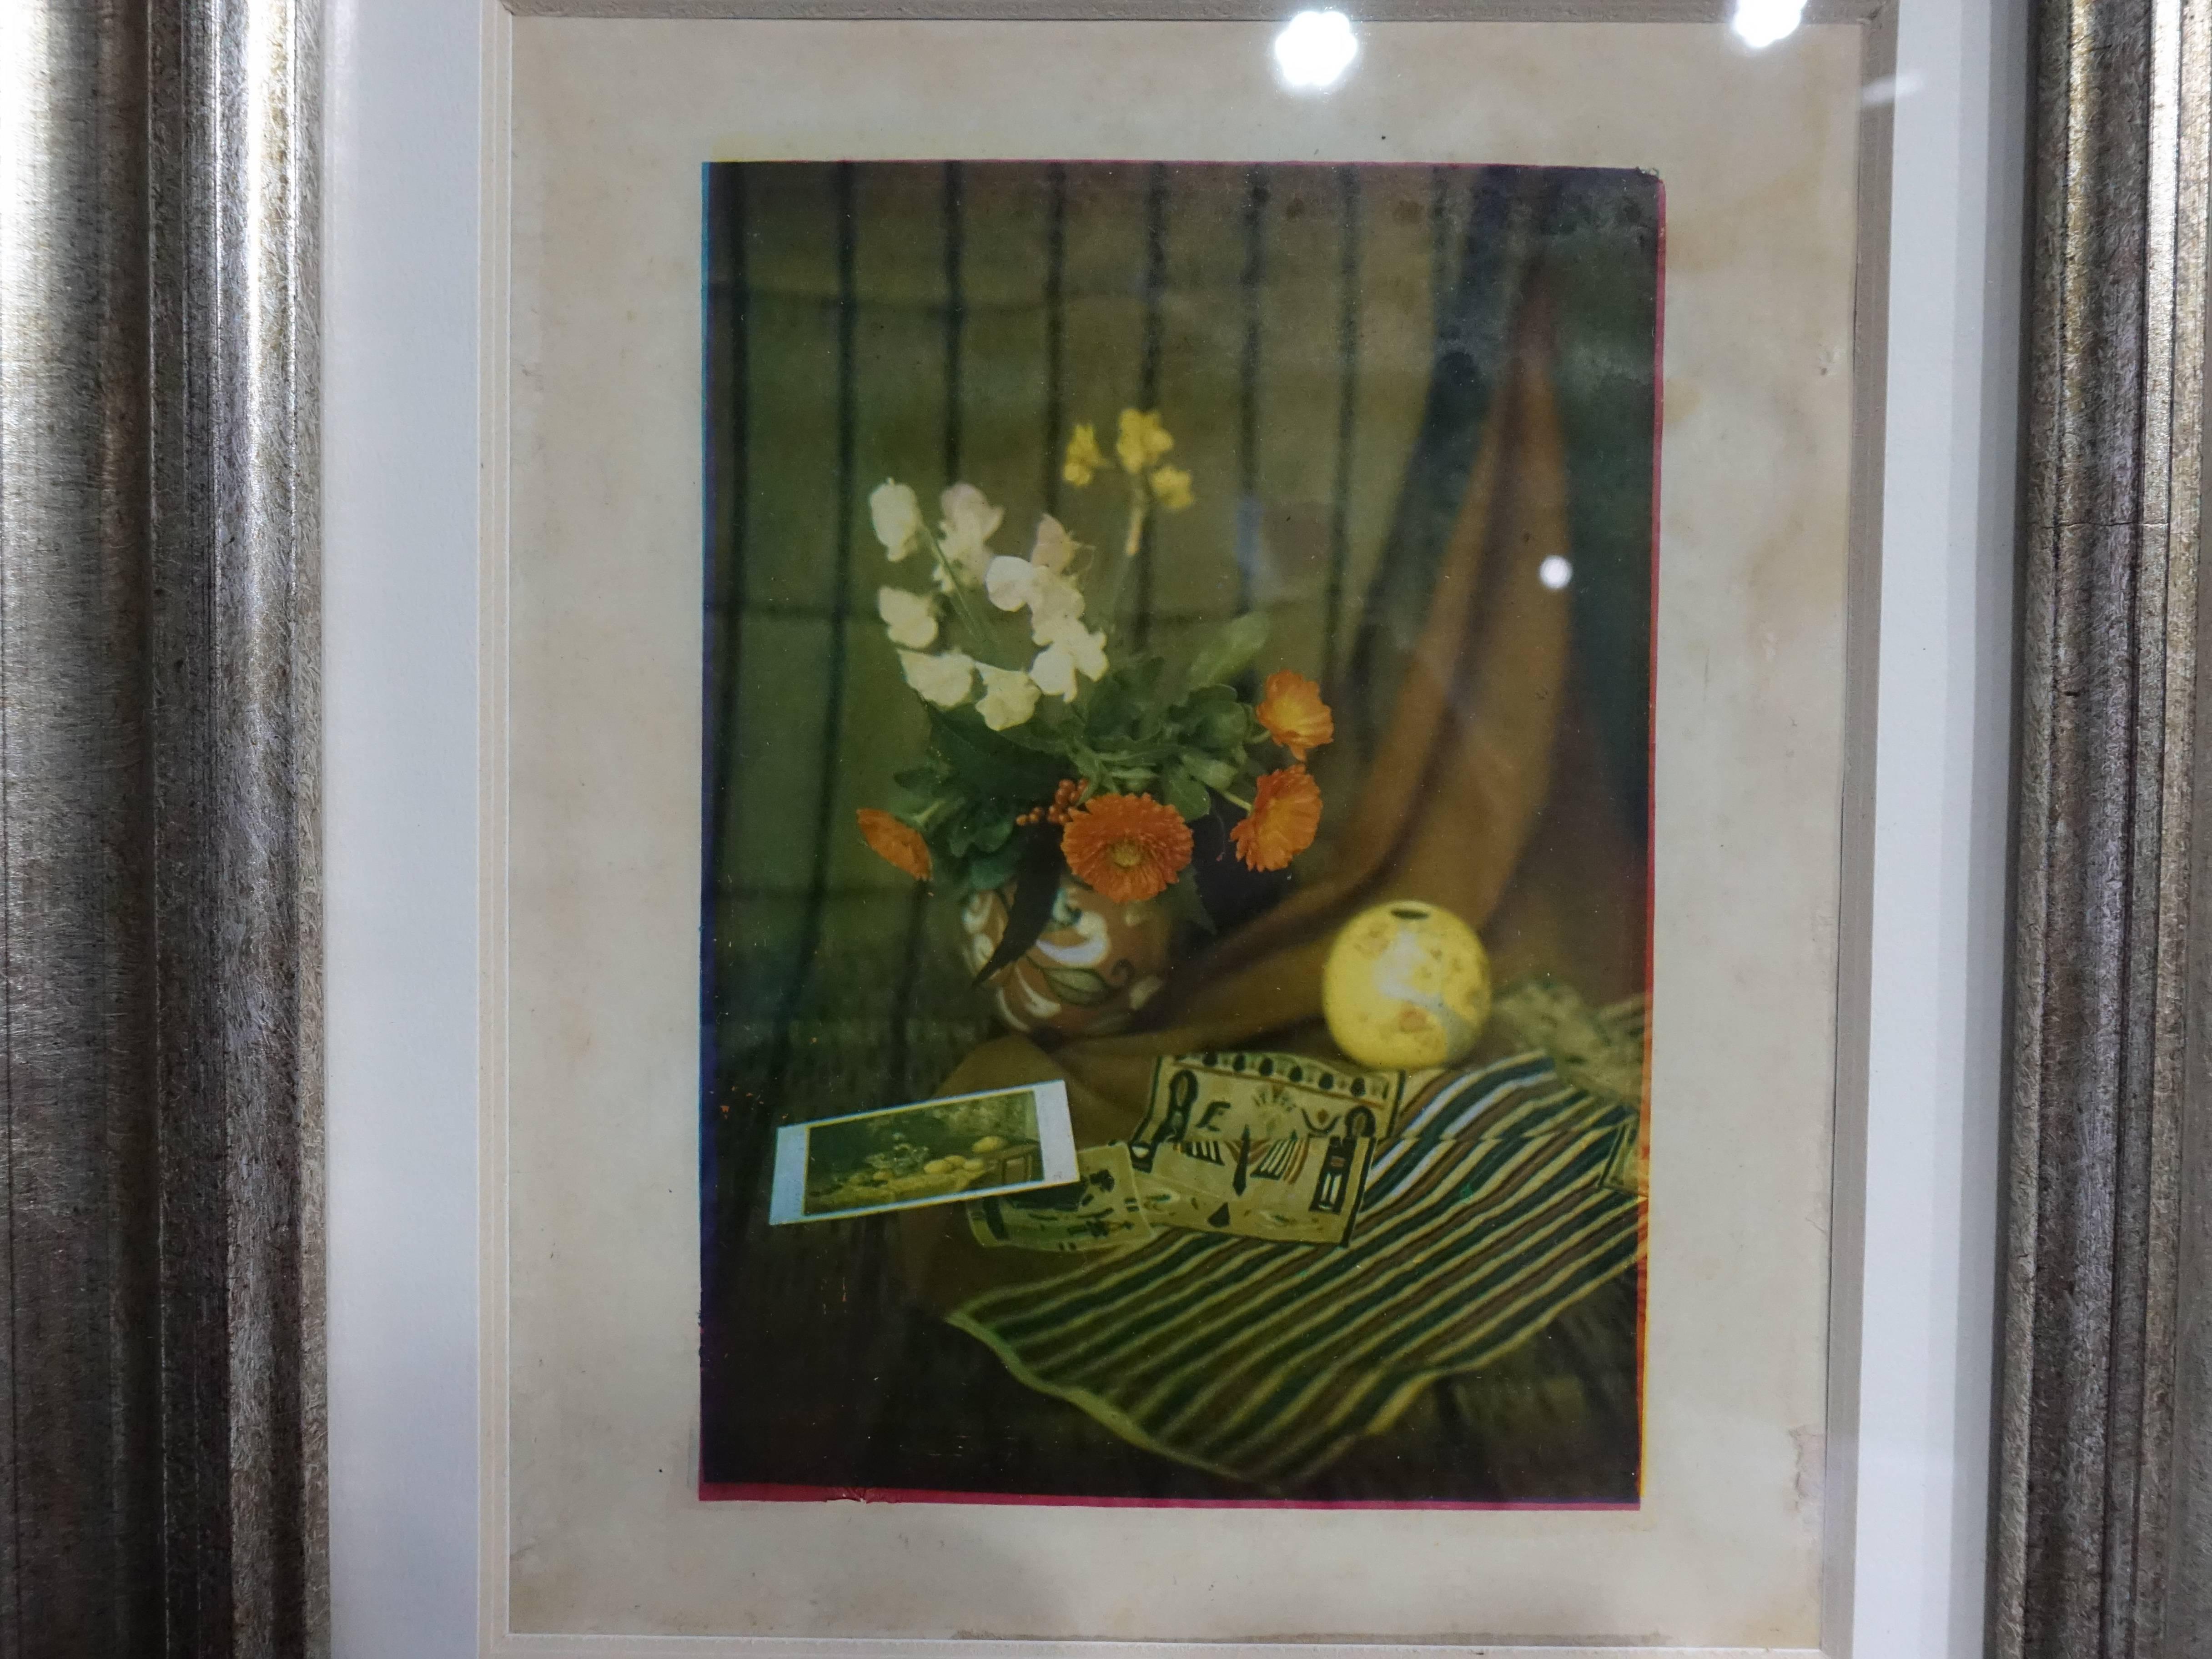 彭瑞麟,《靜物》,40x35 cm,三色轉染法製作的彩色寫真,1930。